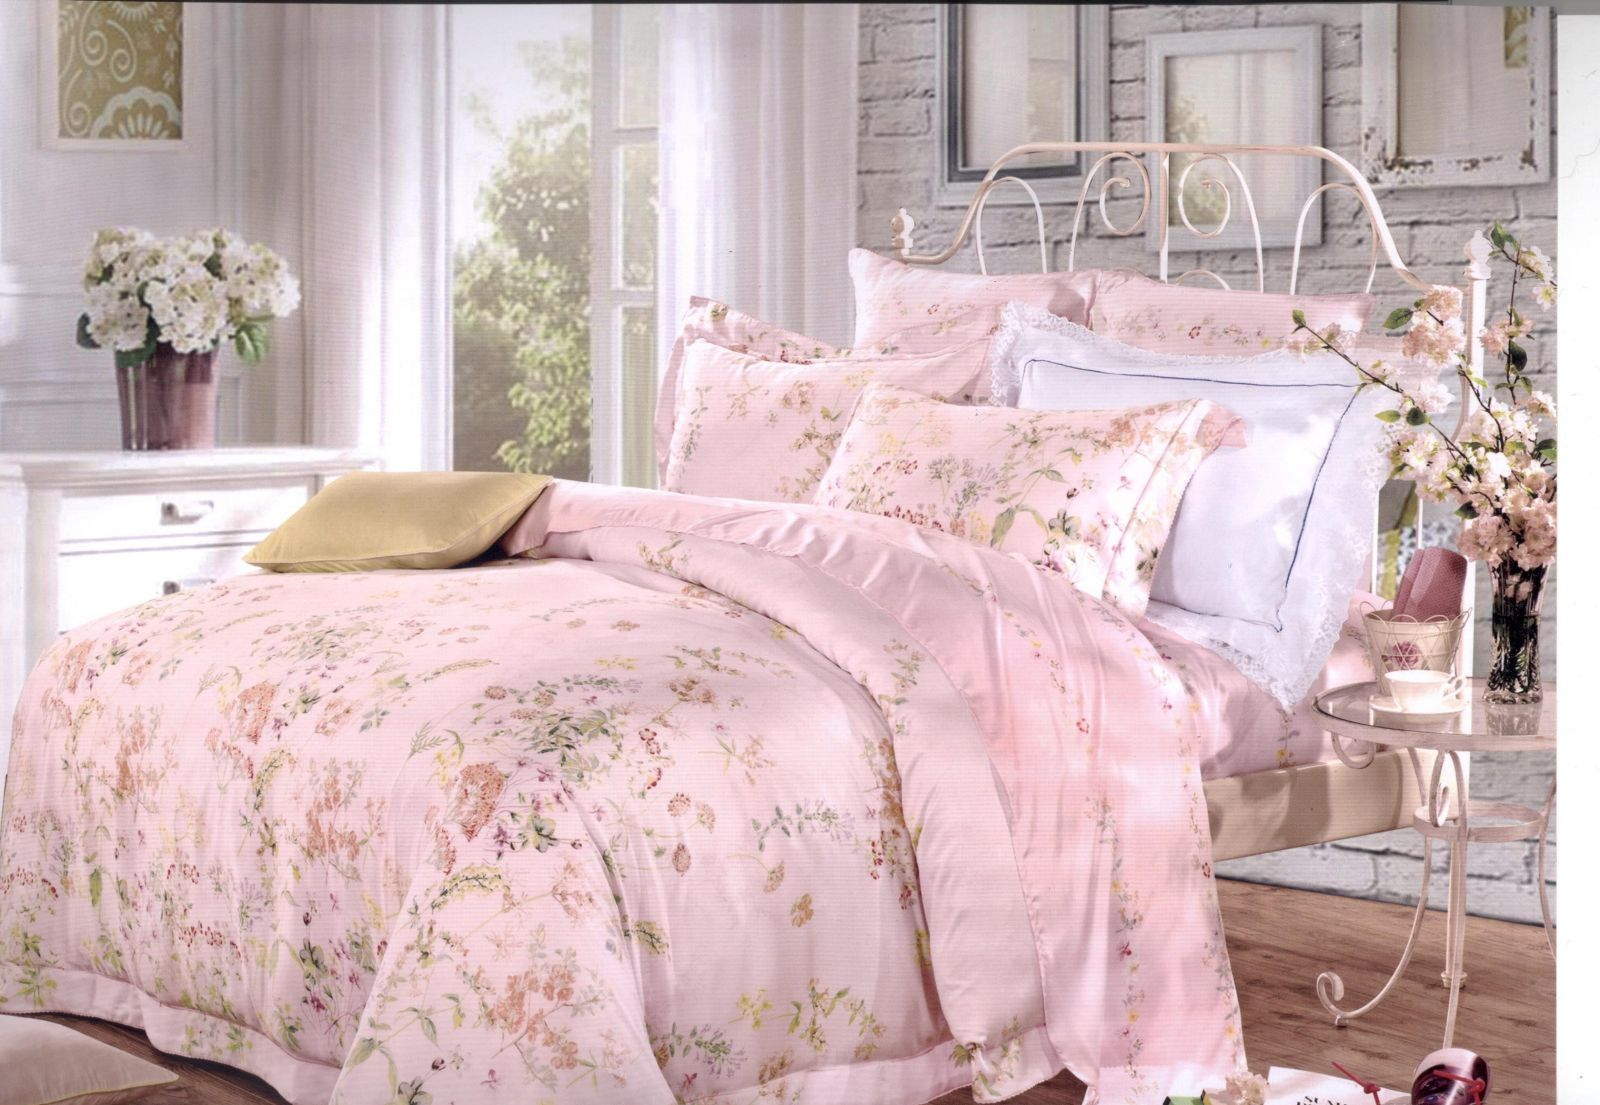 Декор и нежное постельное белье – это провансаль и французский стиль